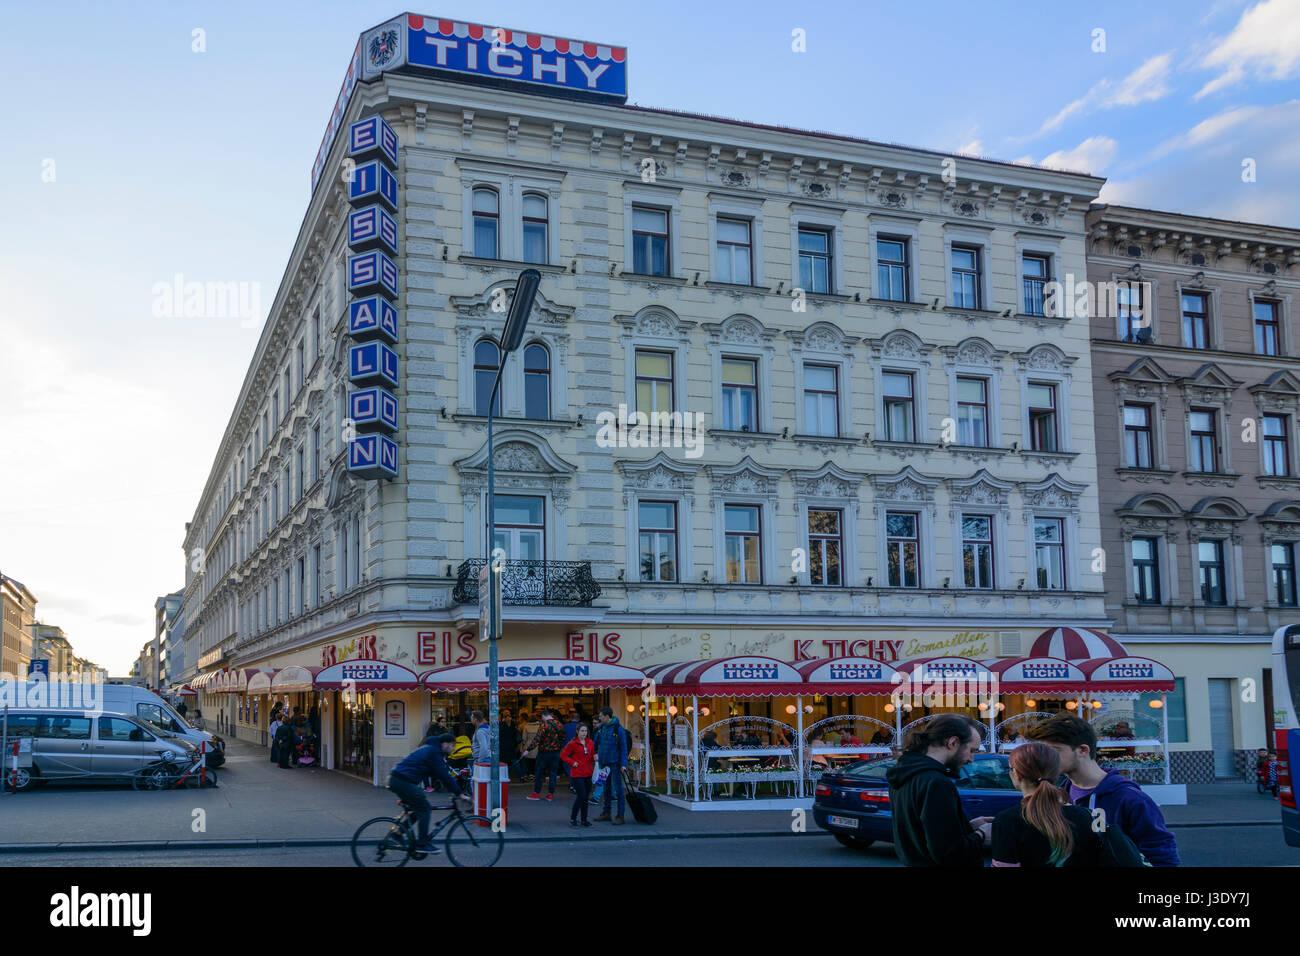 Ice Cream Parlor Shop Tichy At Square Reumannplatz Wien Vienna